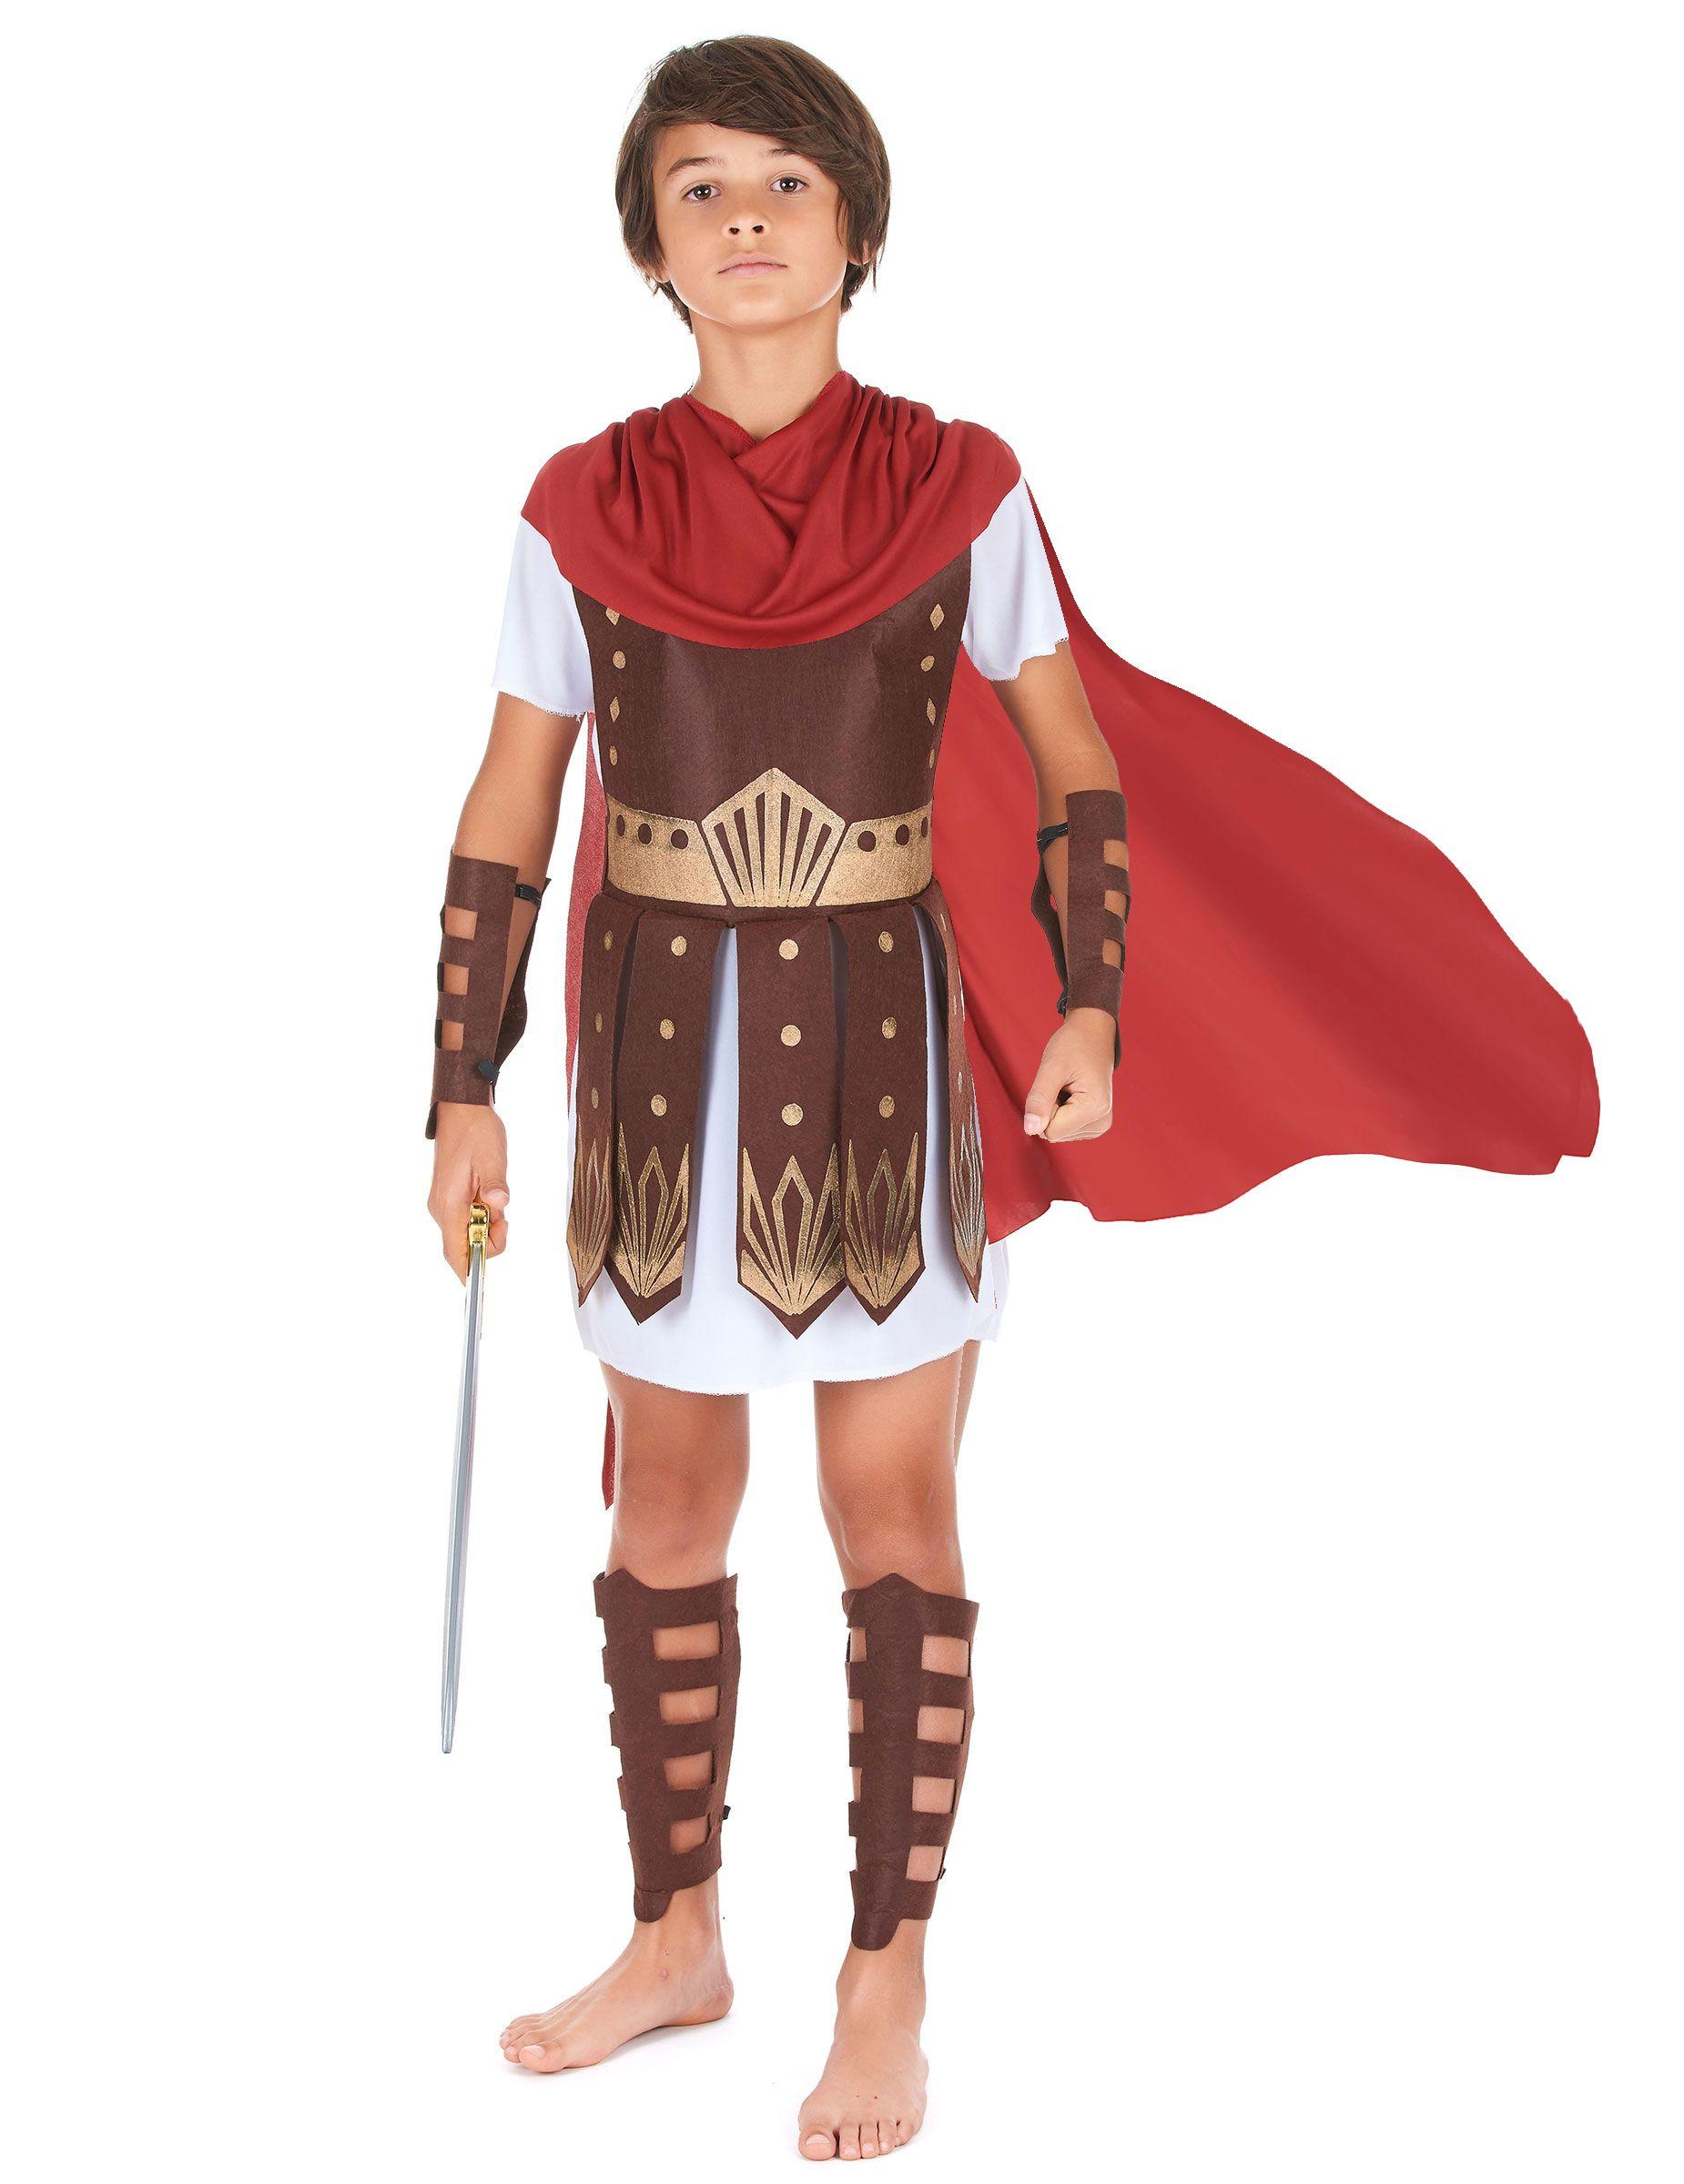 6be6473ed Disfraz de centurión romano para niño | DISFRACES Y ALGO MAS ...